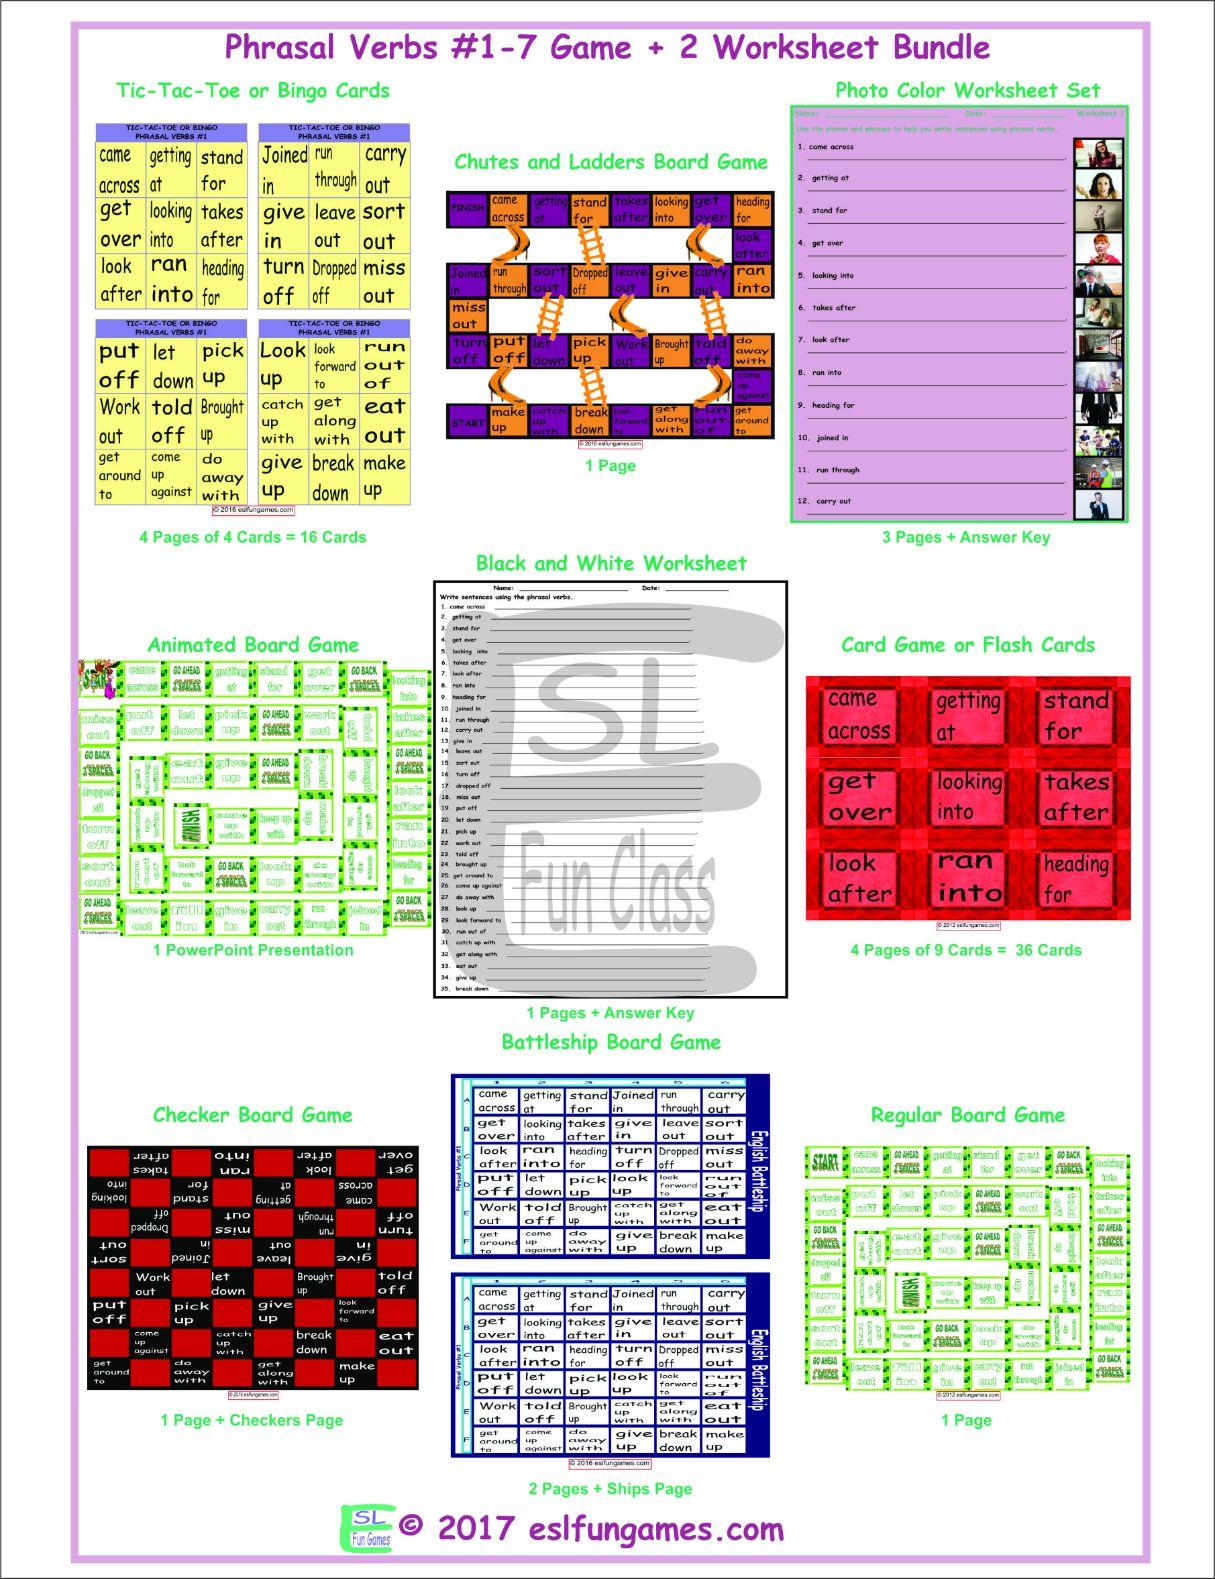 Phrasal Verbs 1 7 Game Plus 2 Worksheet Bundle By Eslfungames